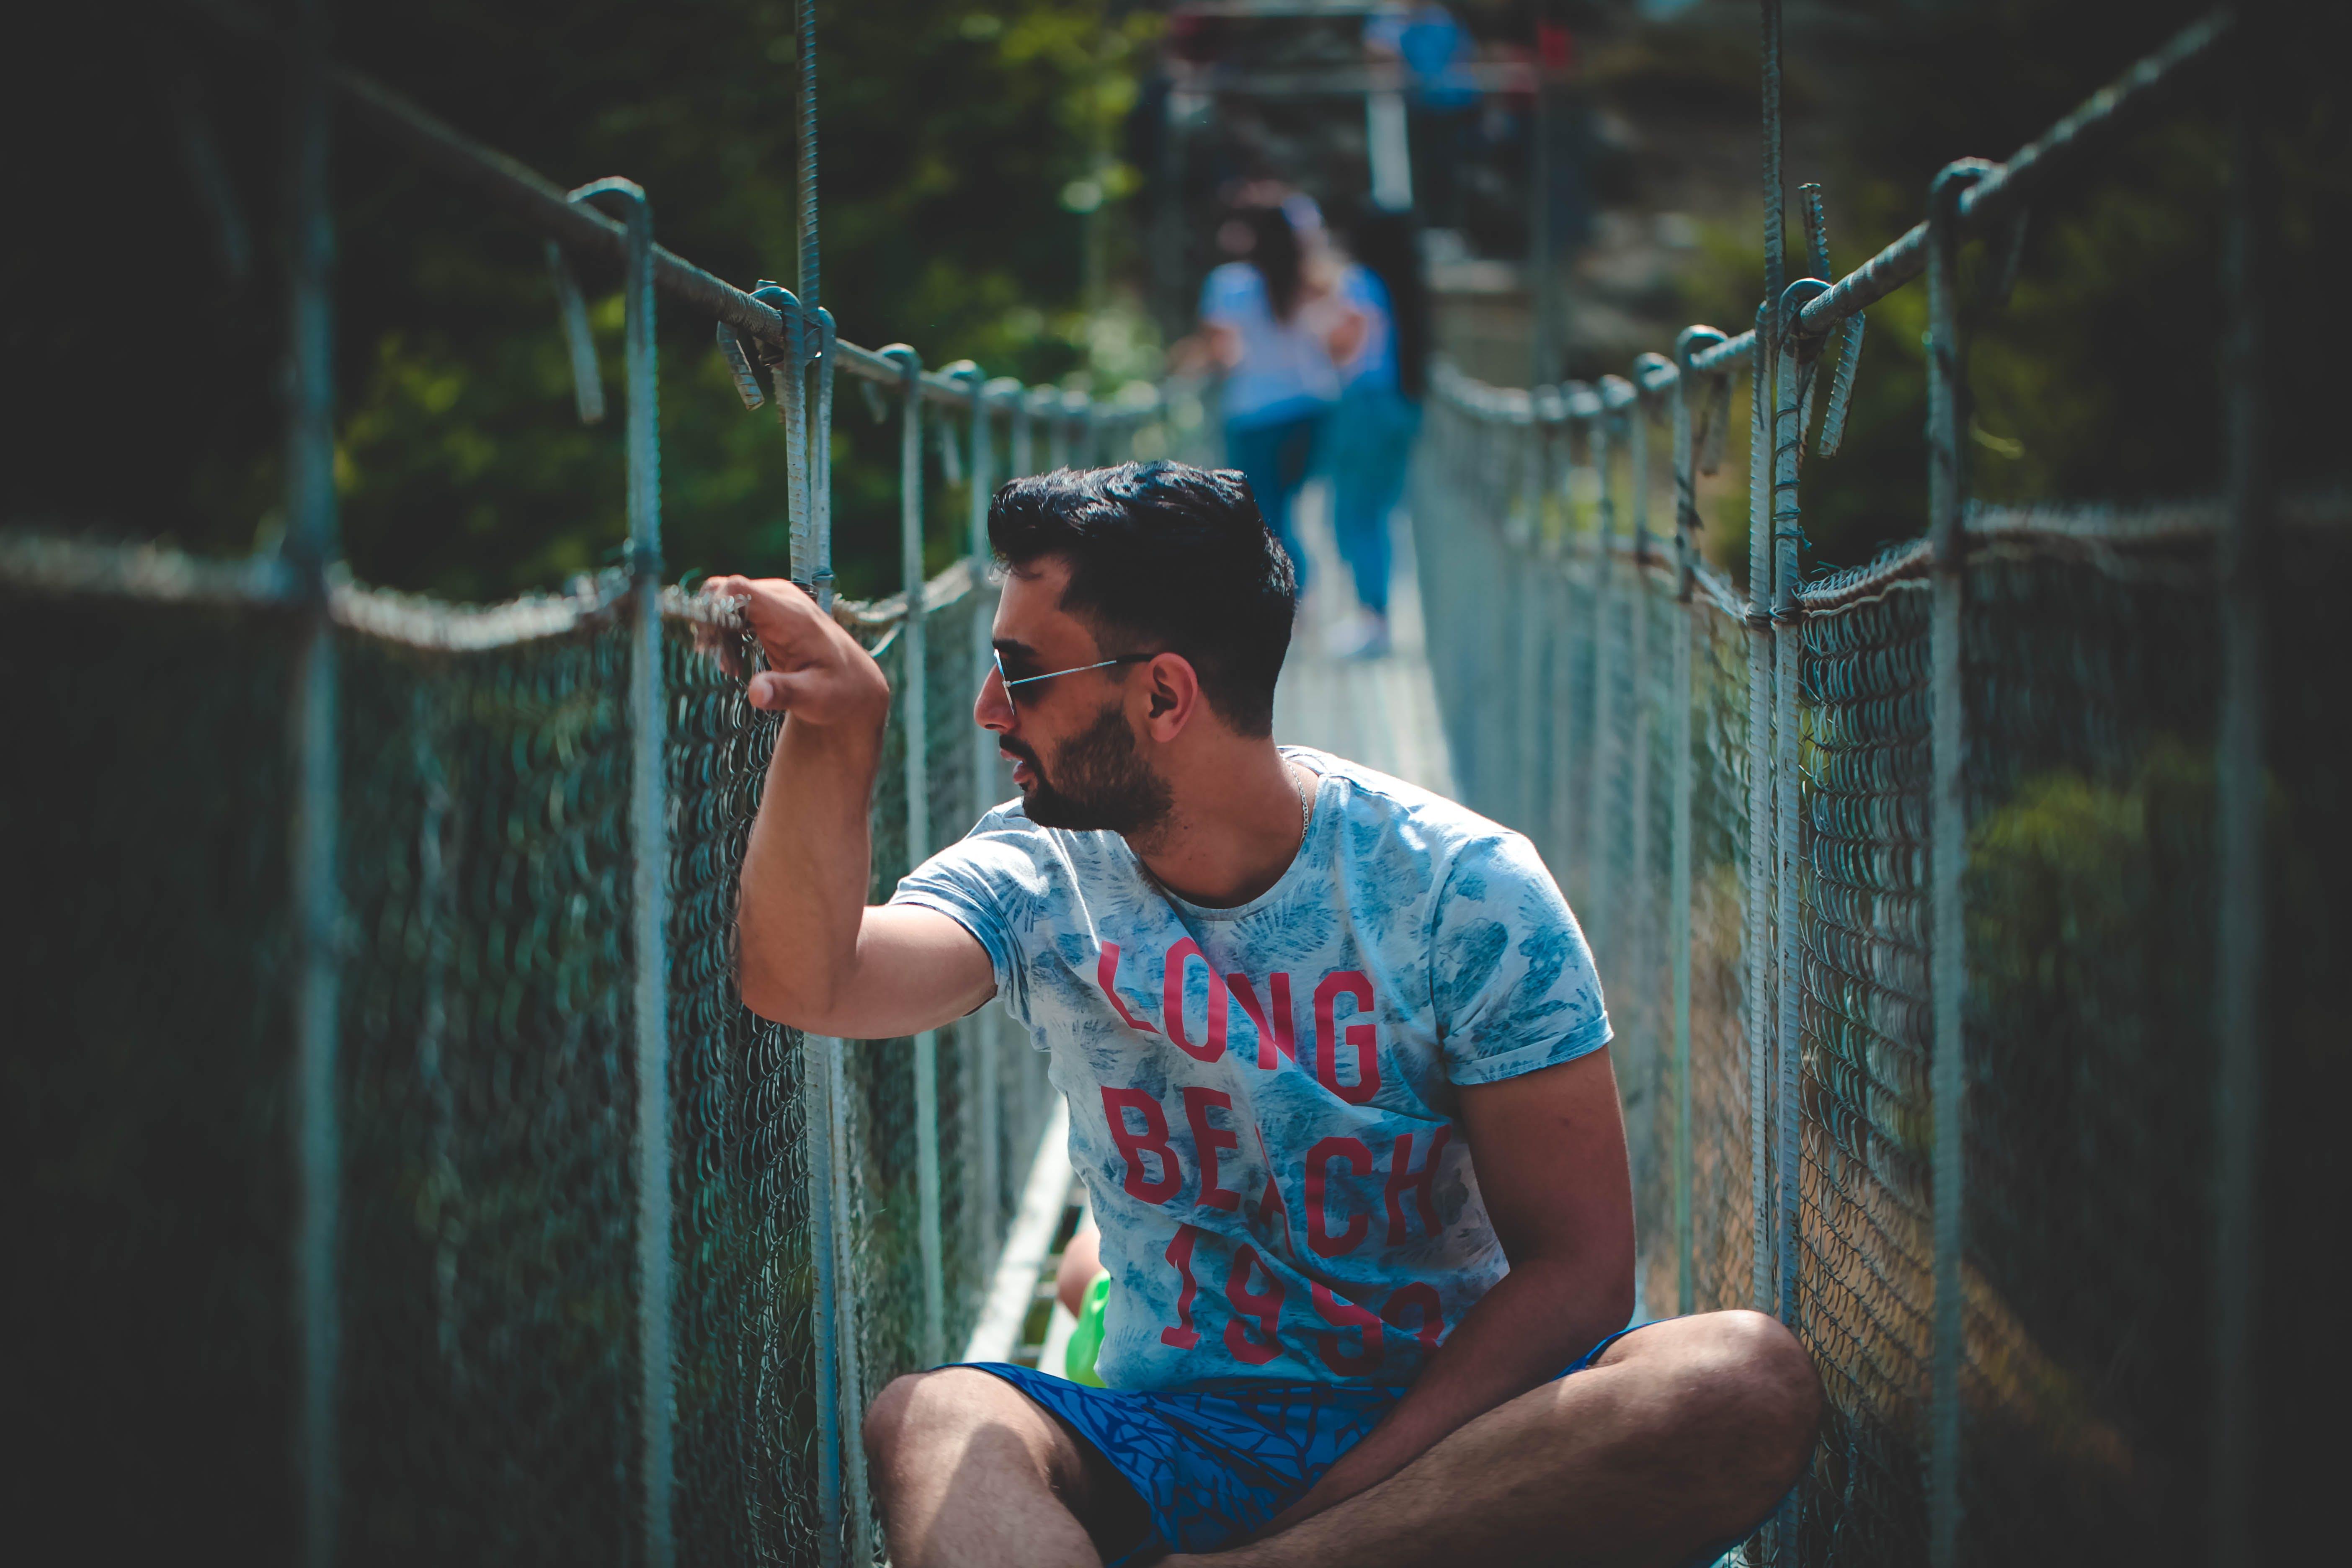 Man Sitting on Hanging Bridge